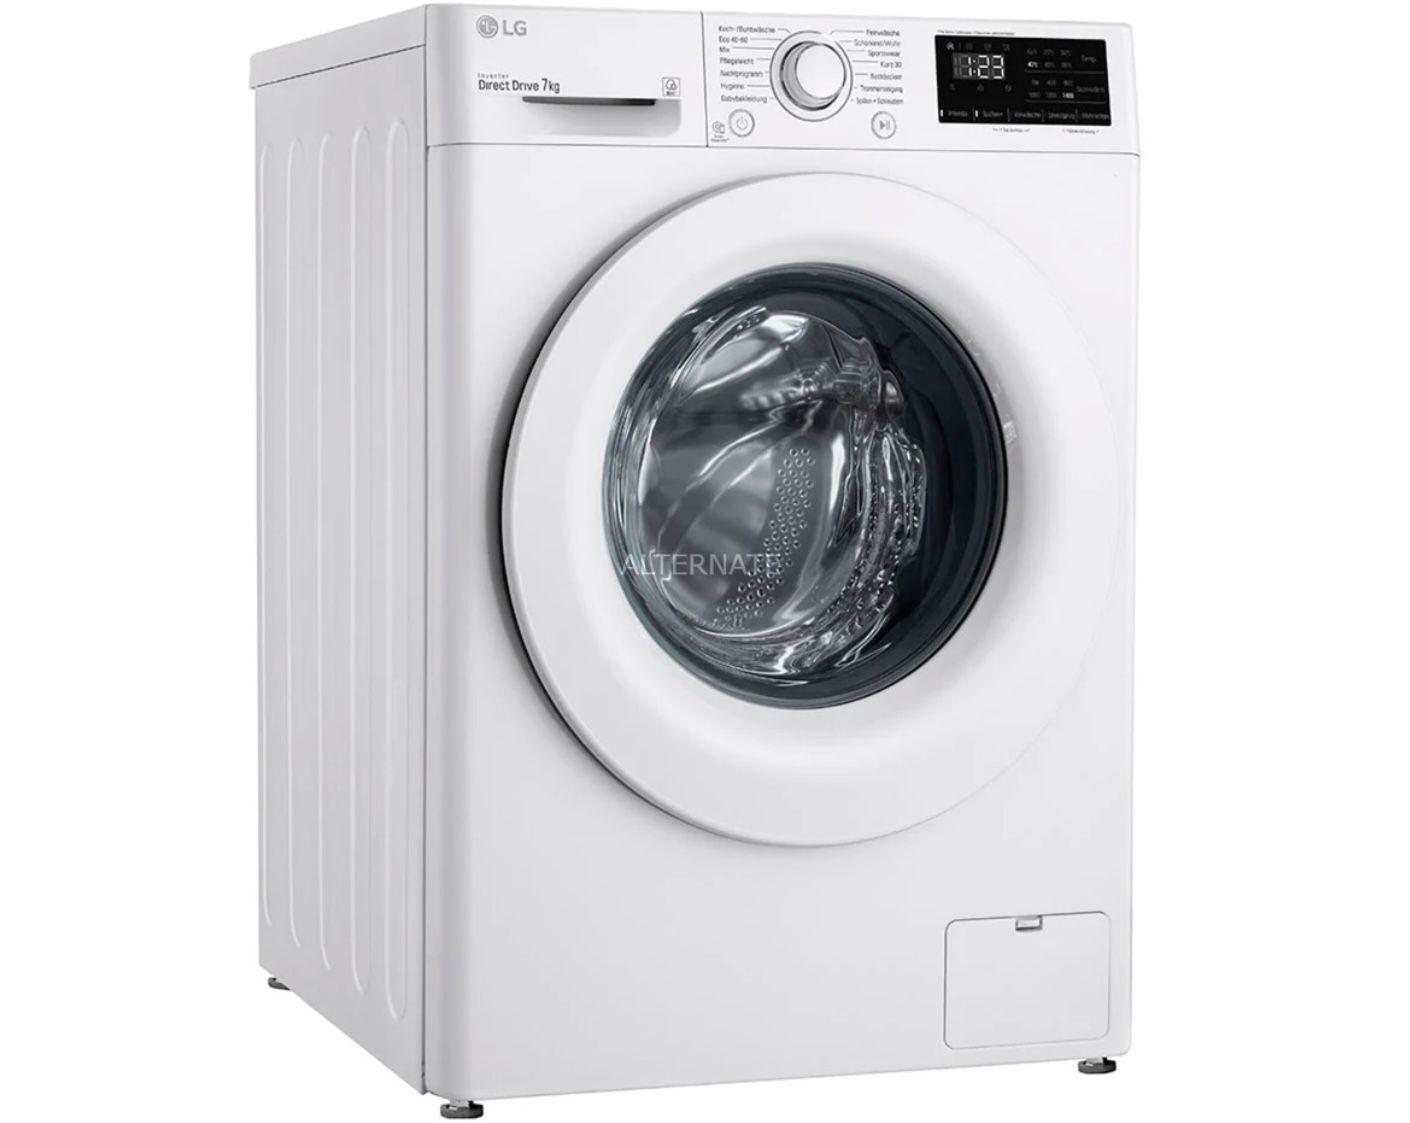 LG F14WM7EN0E Waschmaschine mit 7kg für 323,99€ (statt 430€)